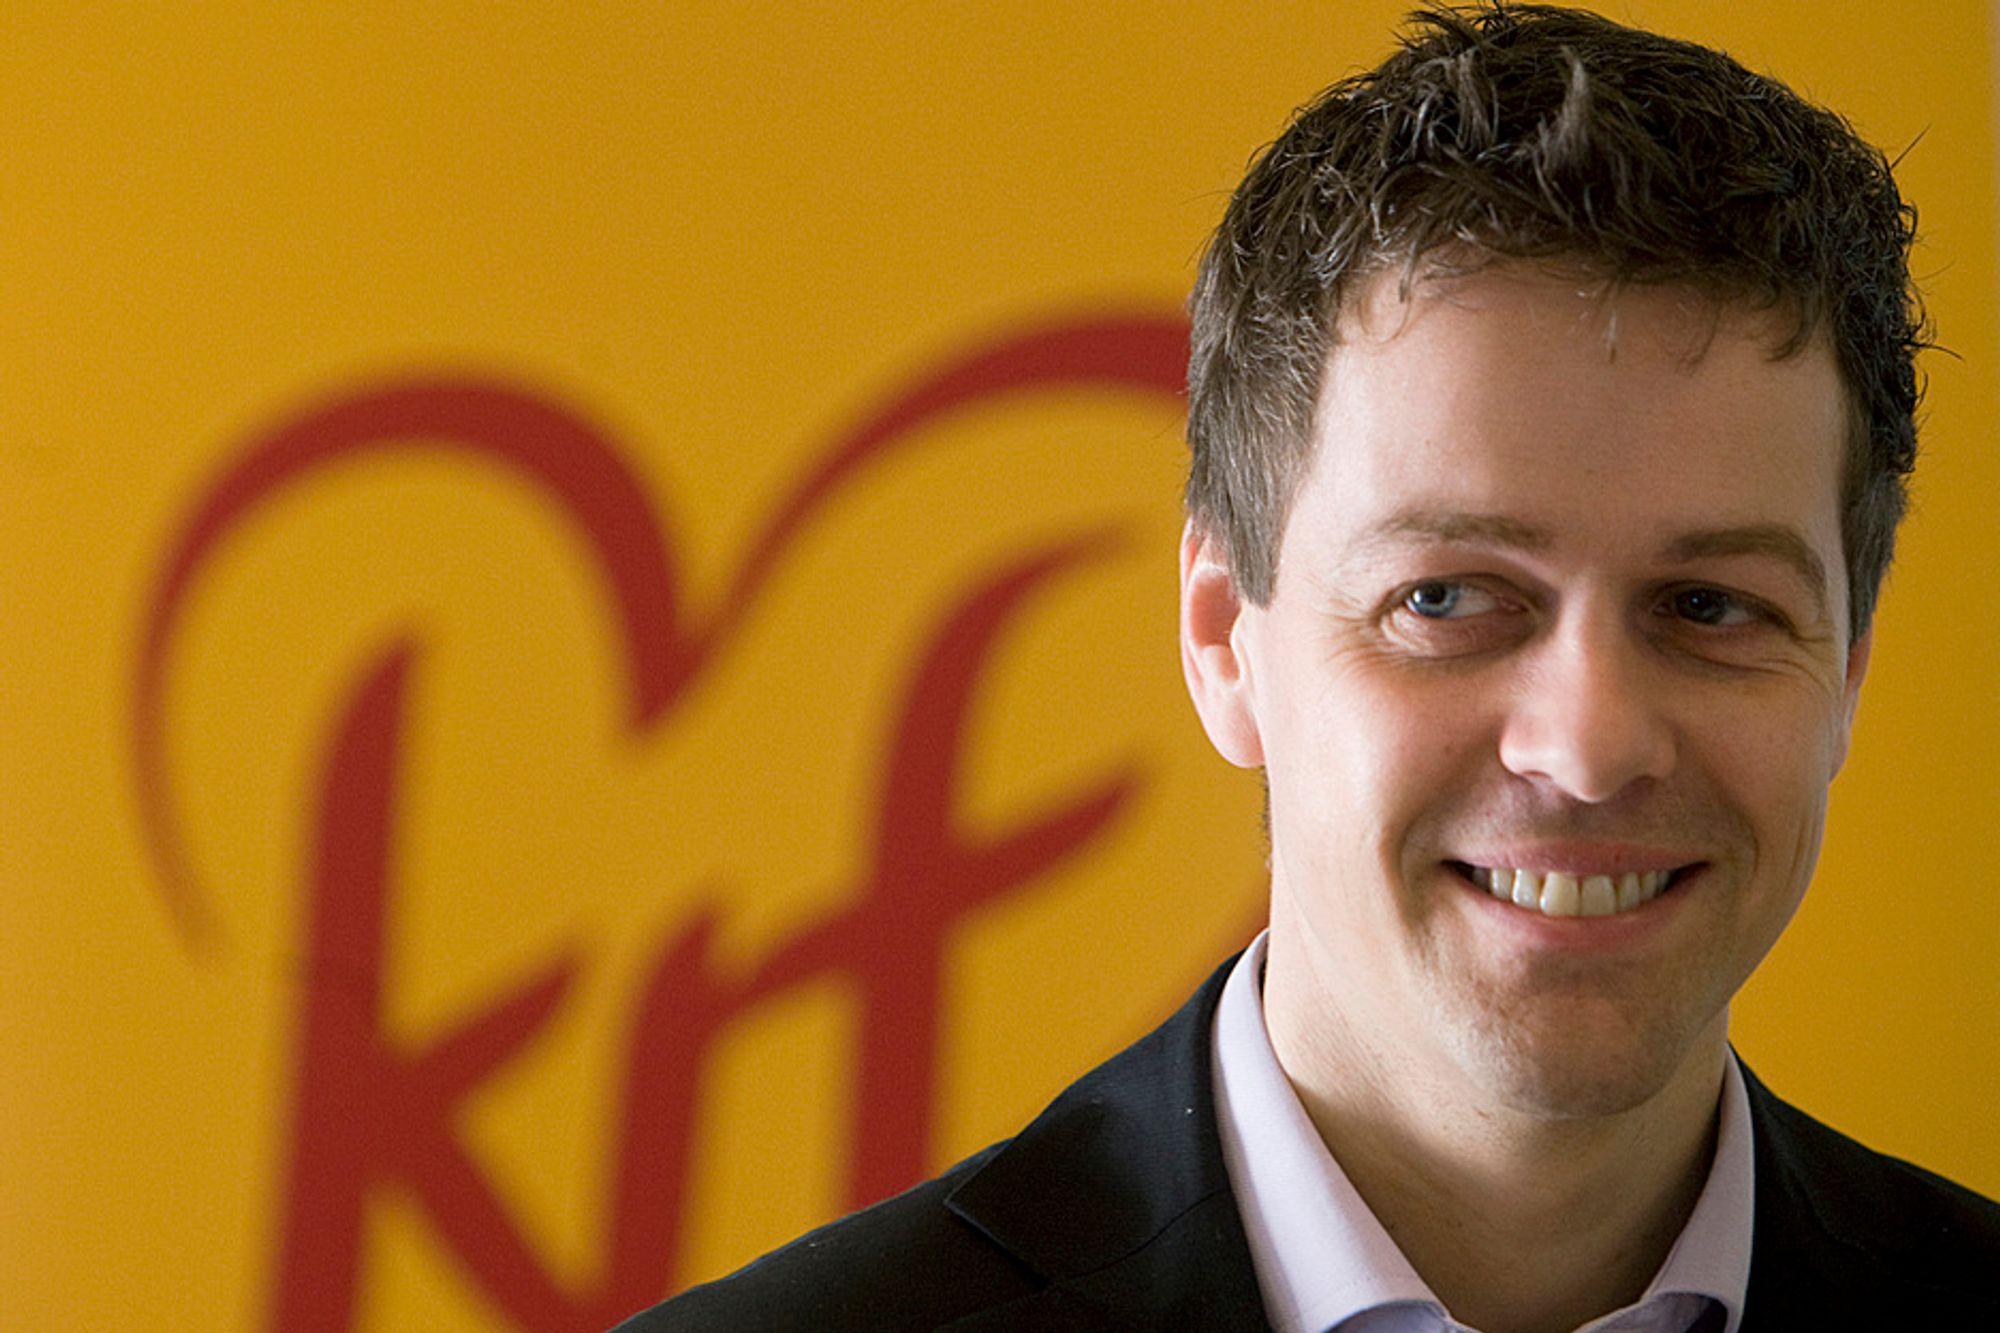 Knut Arild Hareide er leder for programkomitéen i KrF. Han mener staten bør kjøpe seg opp i Aker Solutions.